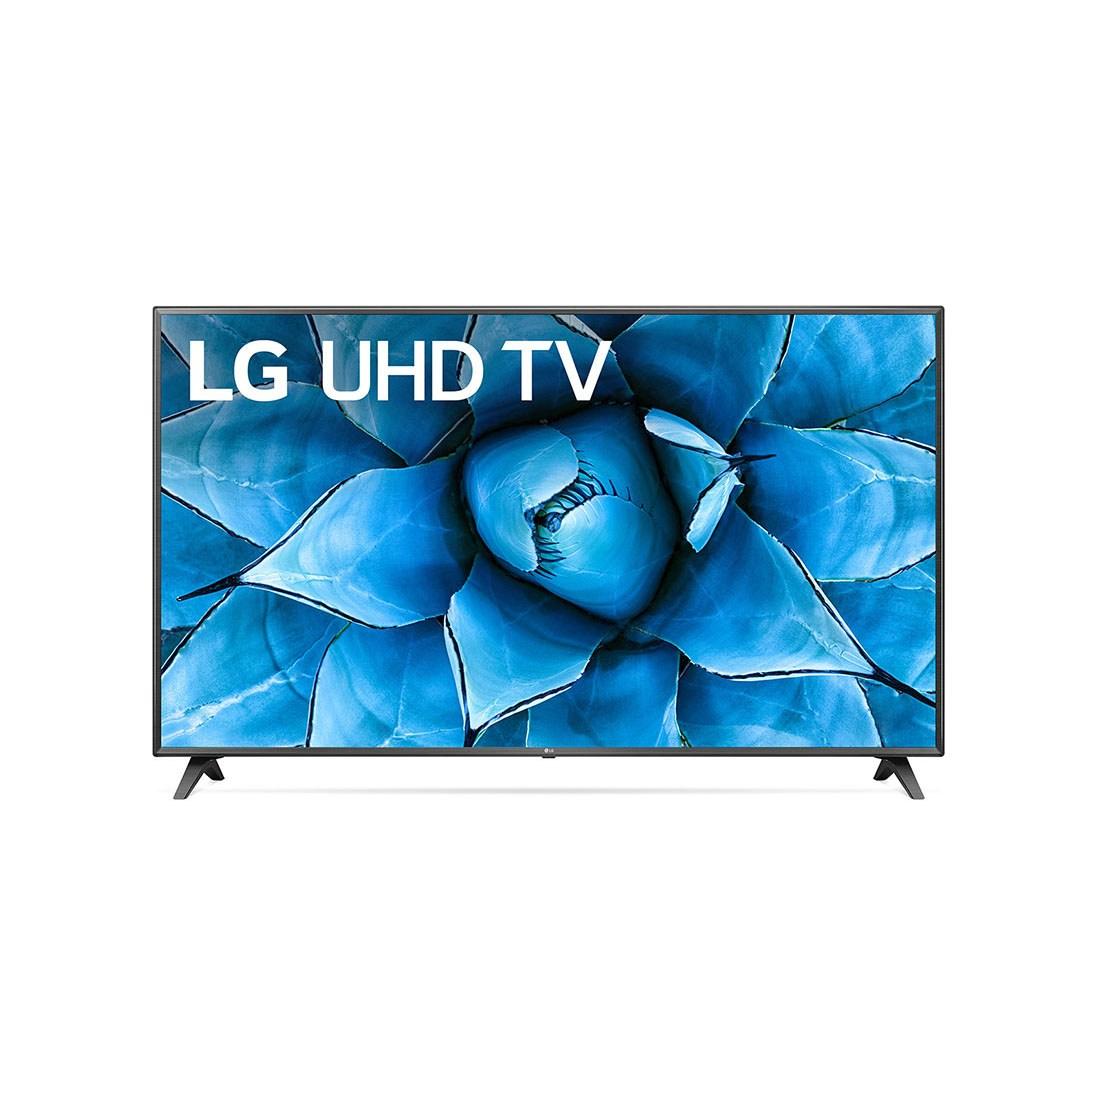 LG전자 75UN7370 75인치 4K 스마트TV, 스탠드형, 상세설명참조